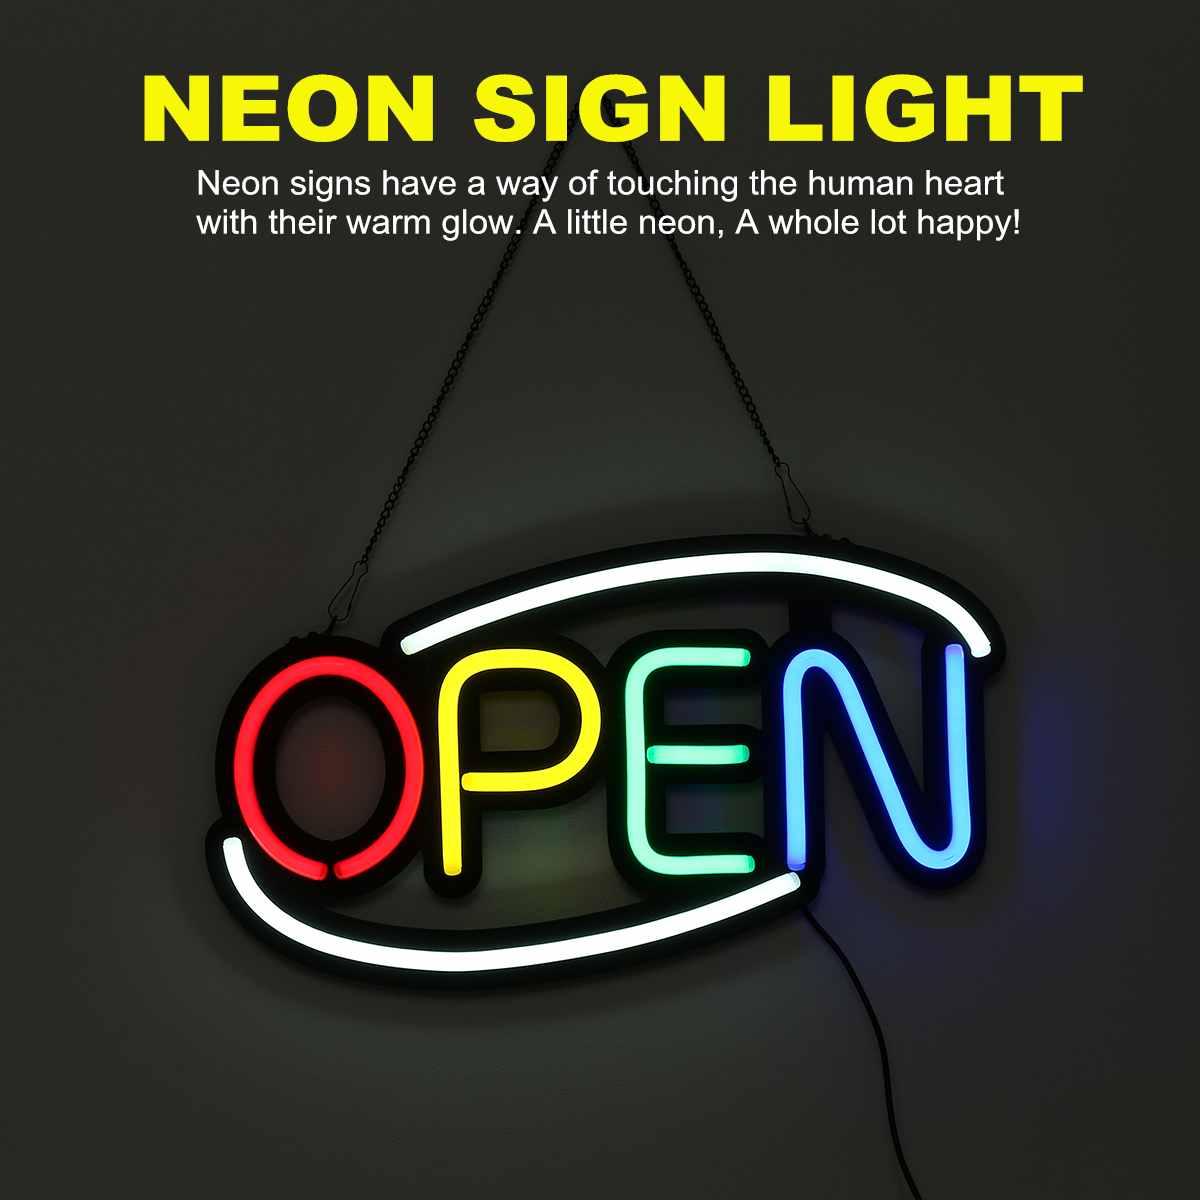 LED ouvert néon signe lumière Tube à la main illustration visuelle Bar Club KTV décoration murale coloré néon ampoules éclairage Commercial